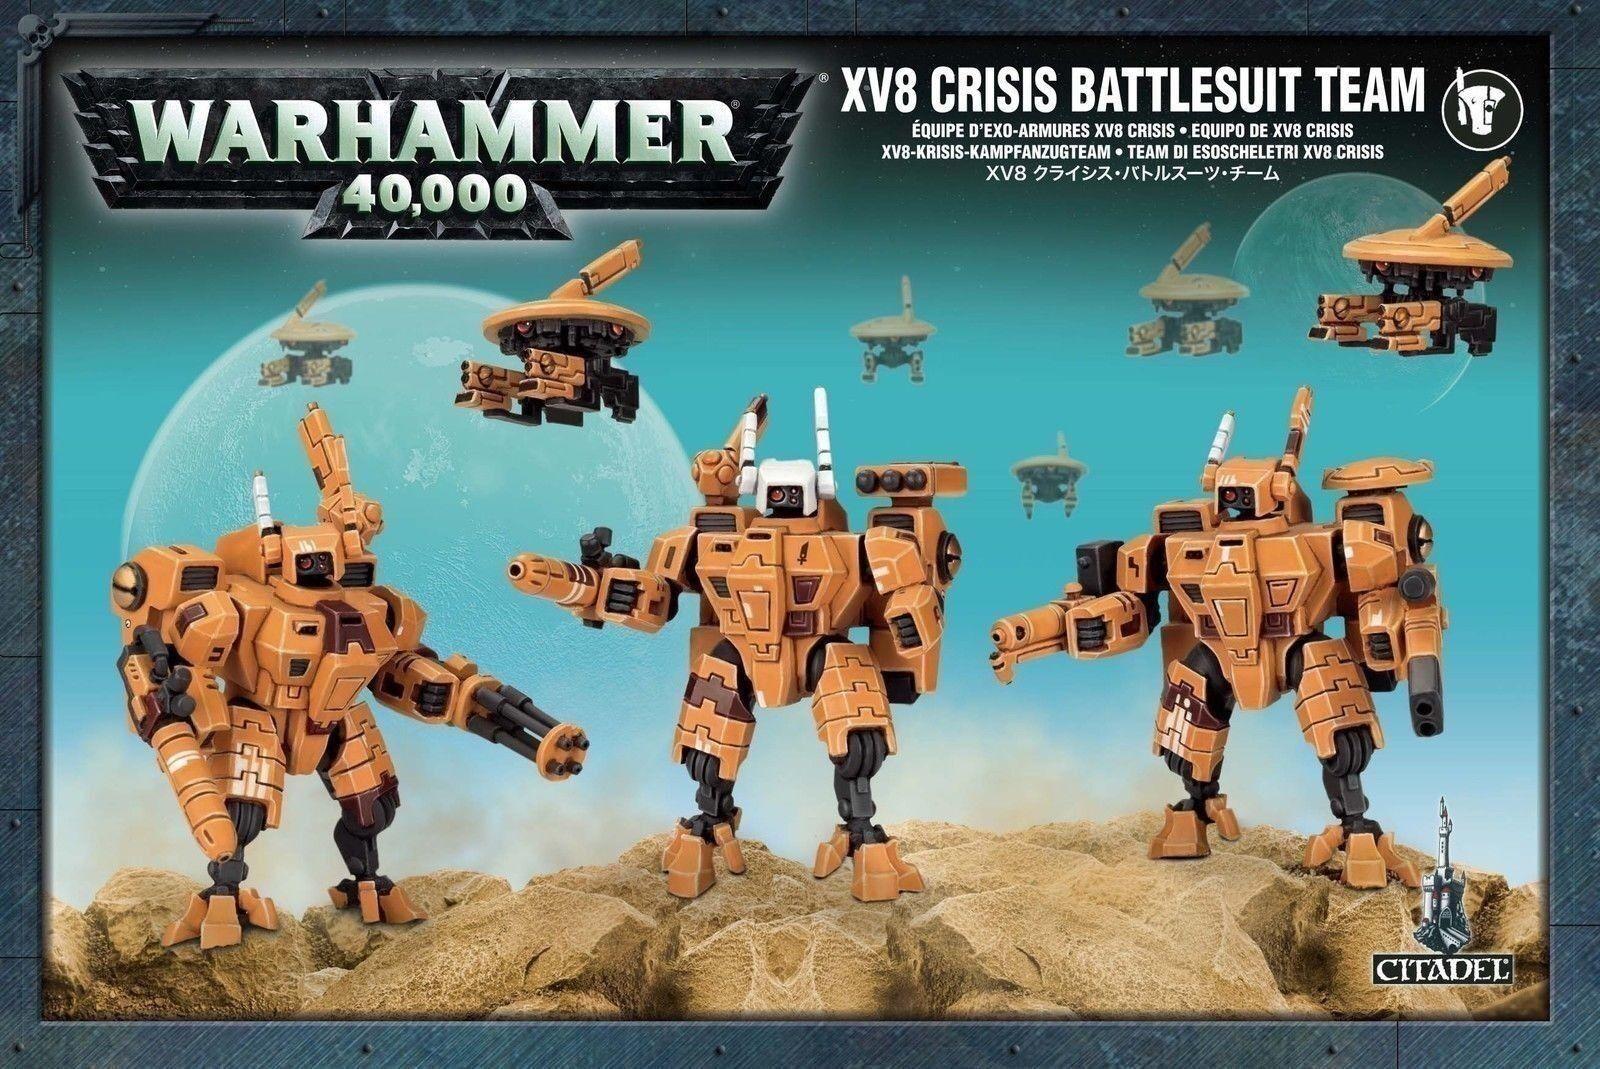 Entrega directa y rápida de fábrica Tau XV8 Crisis Battlesuit equipo Warhammer 40,000 Juegos taller taller taller  servicio considerado